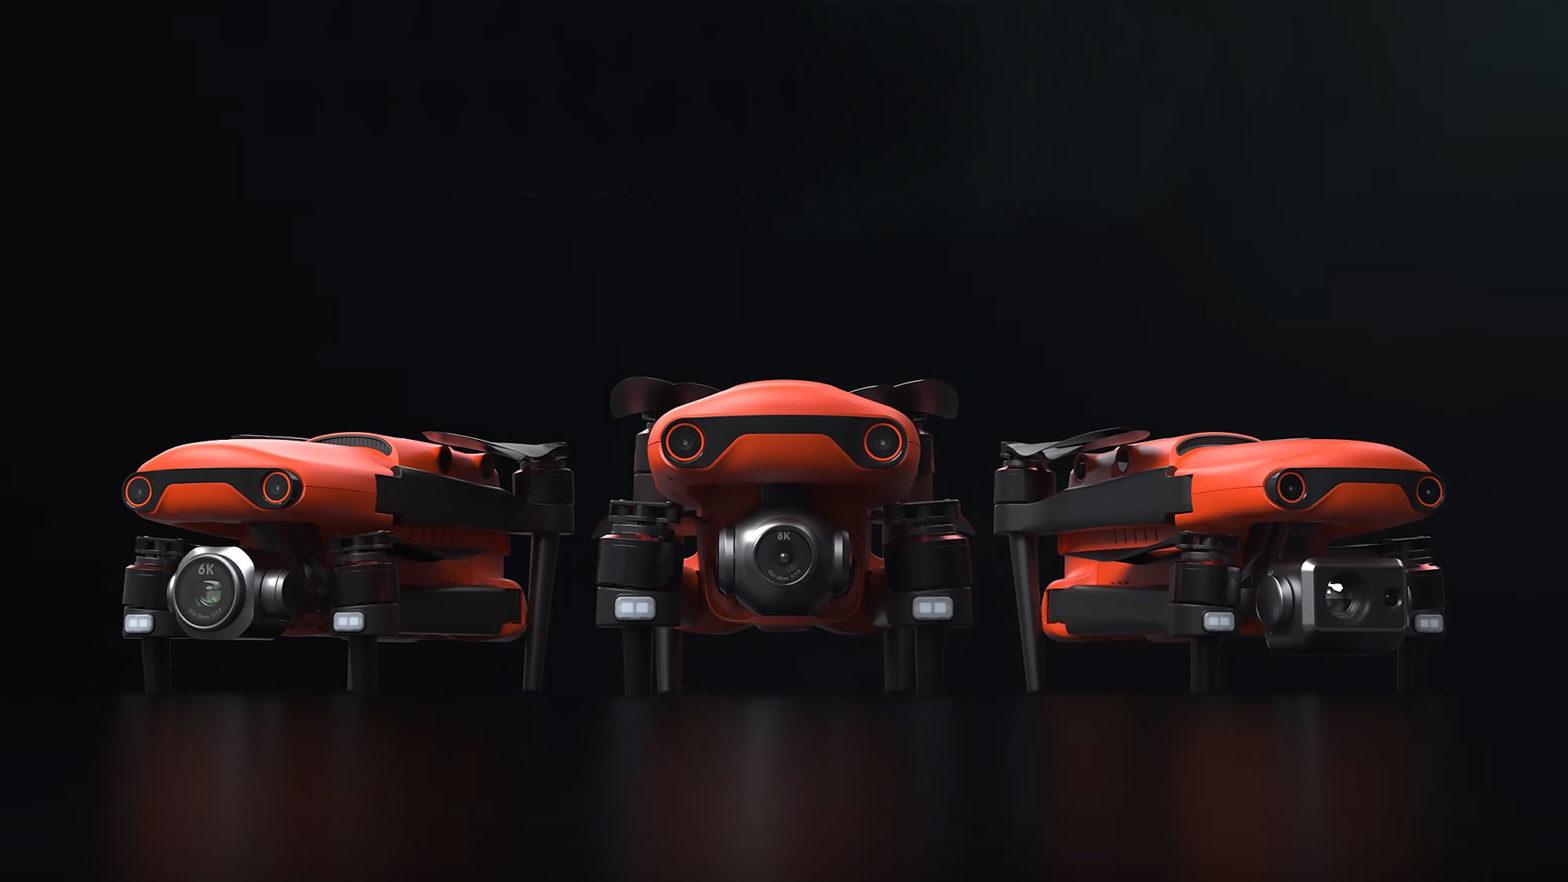 Autel Robotics EVO 2 Series Imaging Drone